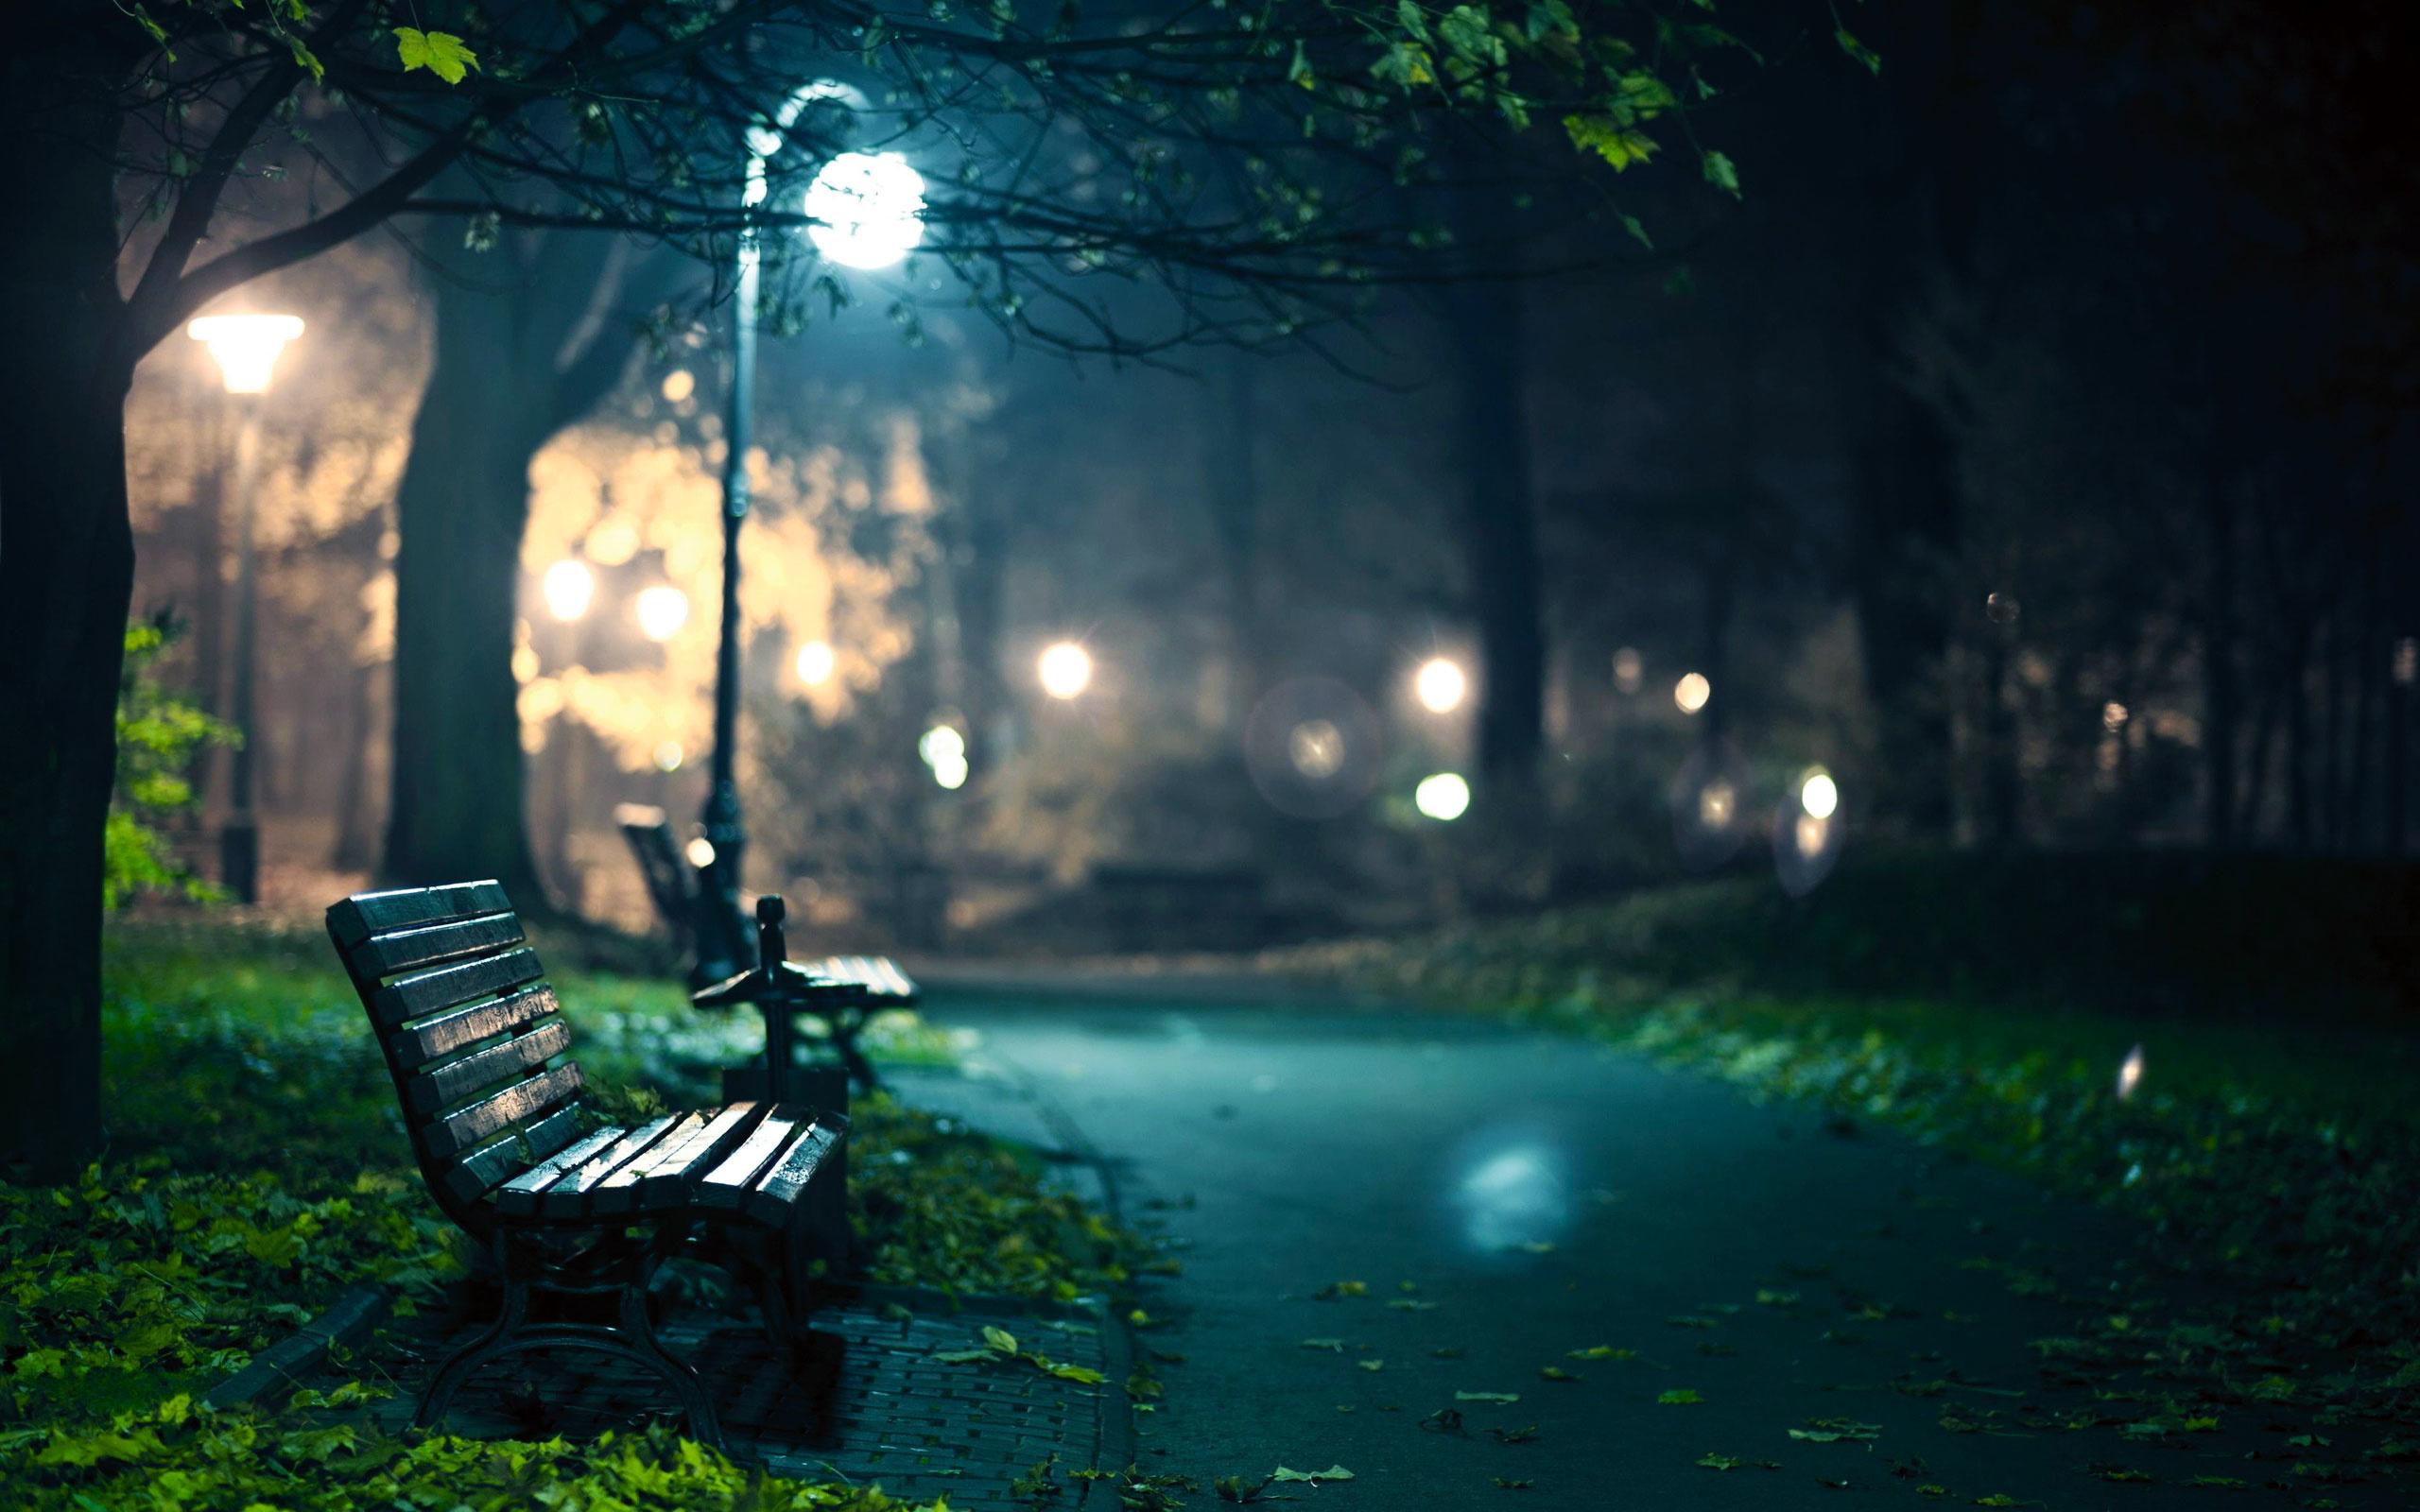 вербену картинки скамейка и дождь небольшой однокомнатной квартиры